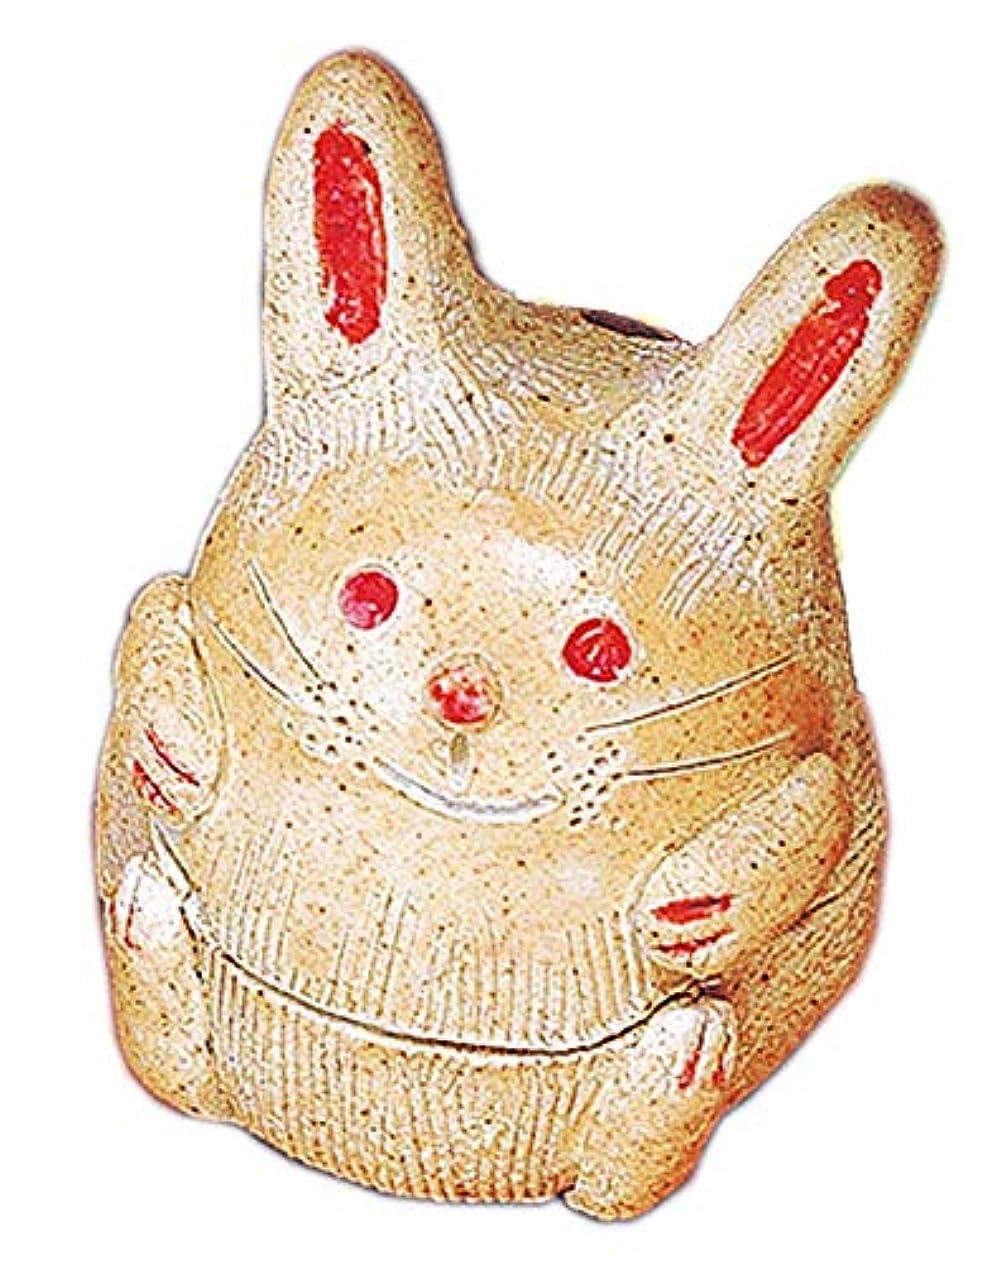 香水ダンス帽子香炉 福ウサギ 香炉 [H8.5cm] HANDMADE プレゼント ギフト 和食器 かわいい インテリア